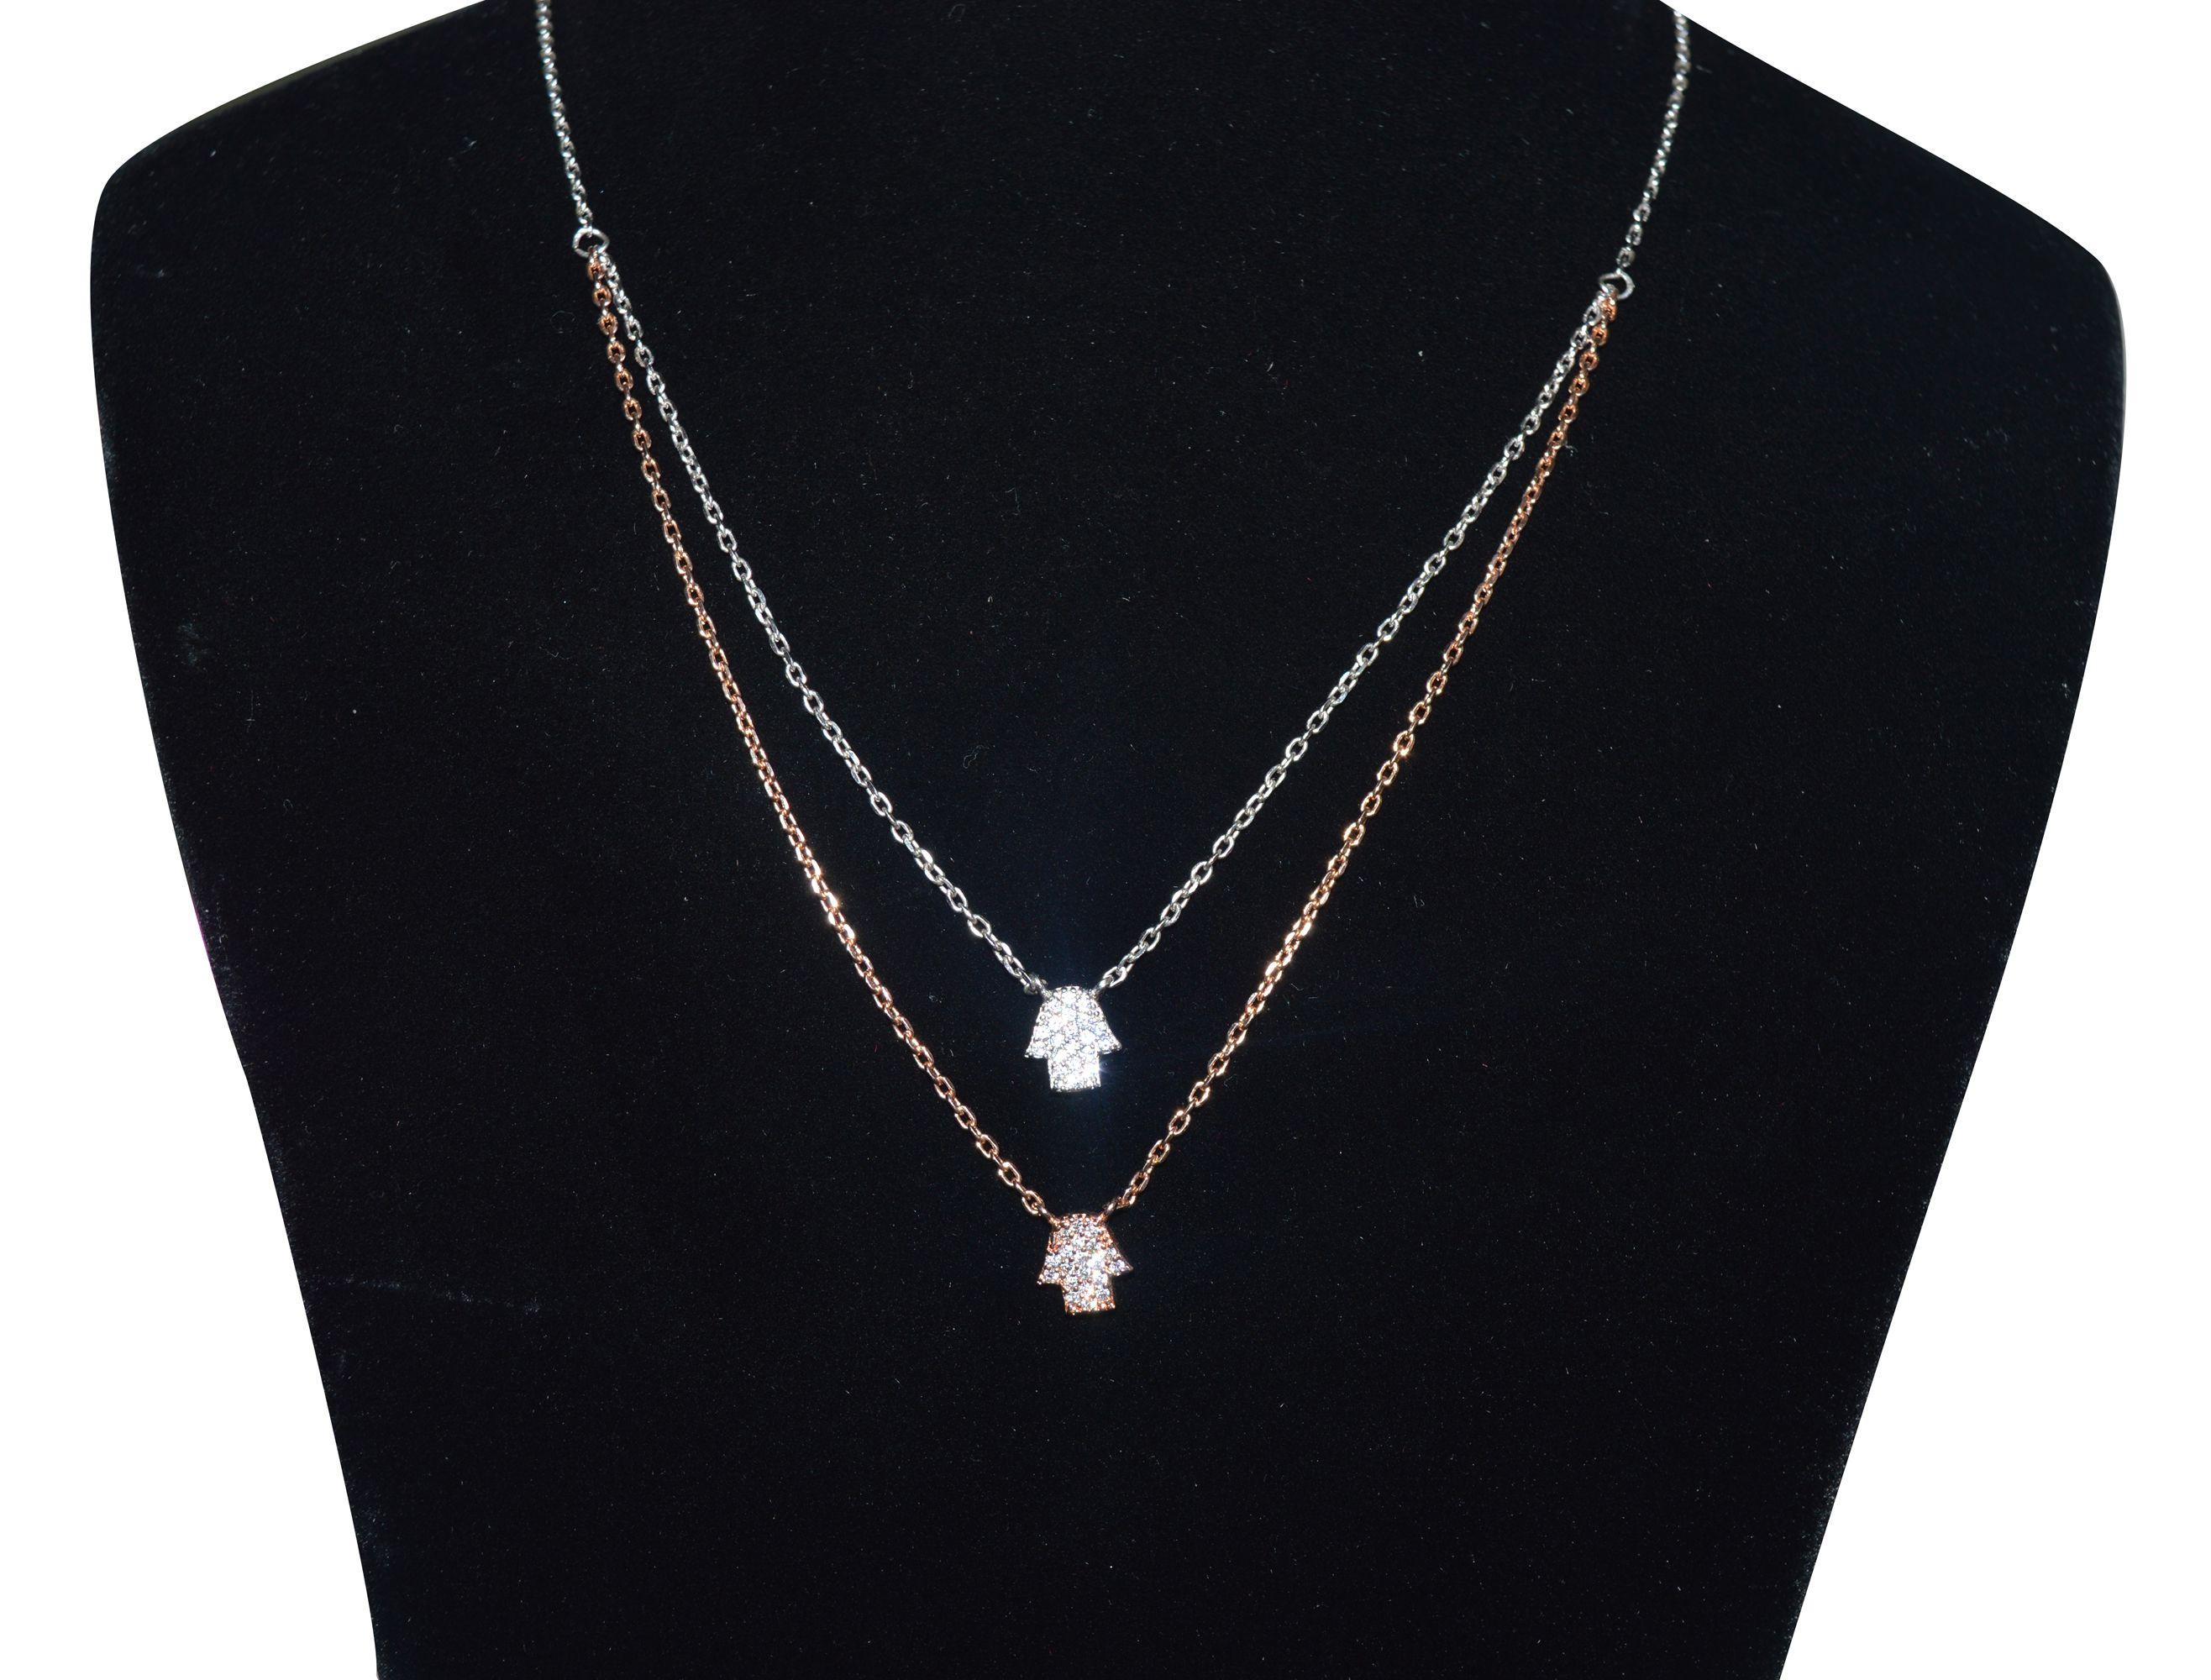 Kataria Jewellers 92.5 BIS Hallmarked Silver Necklace Set